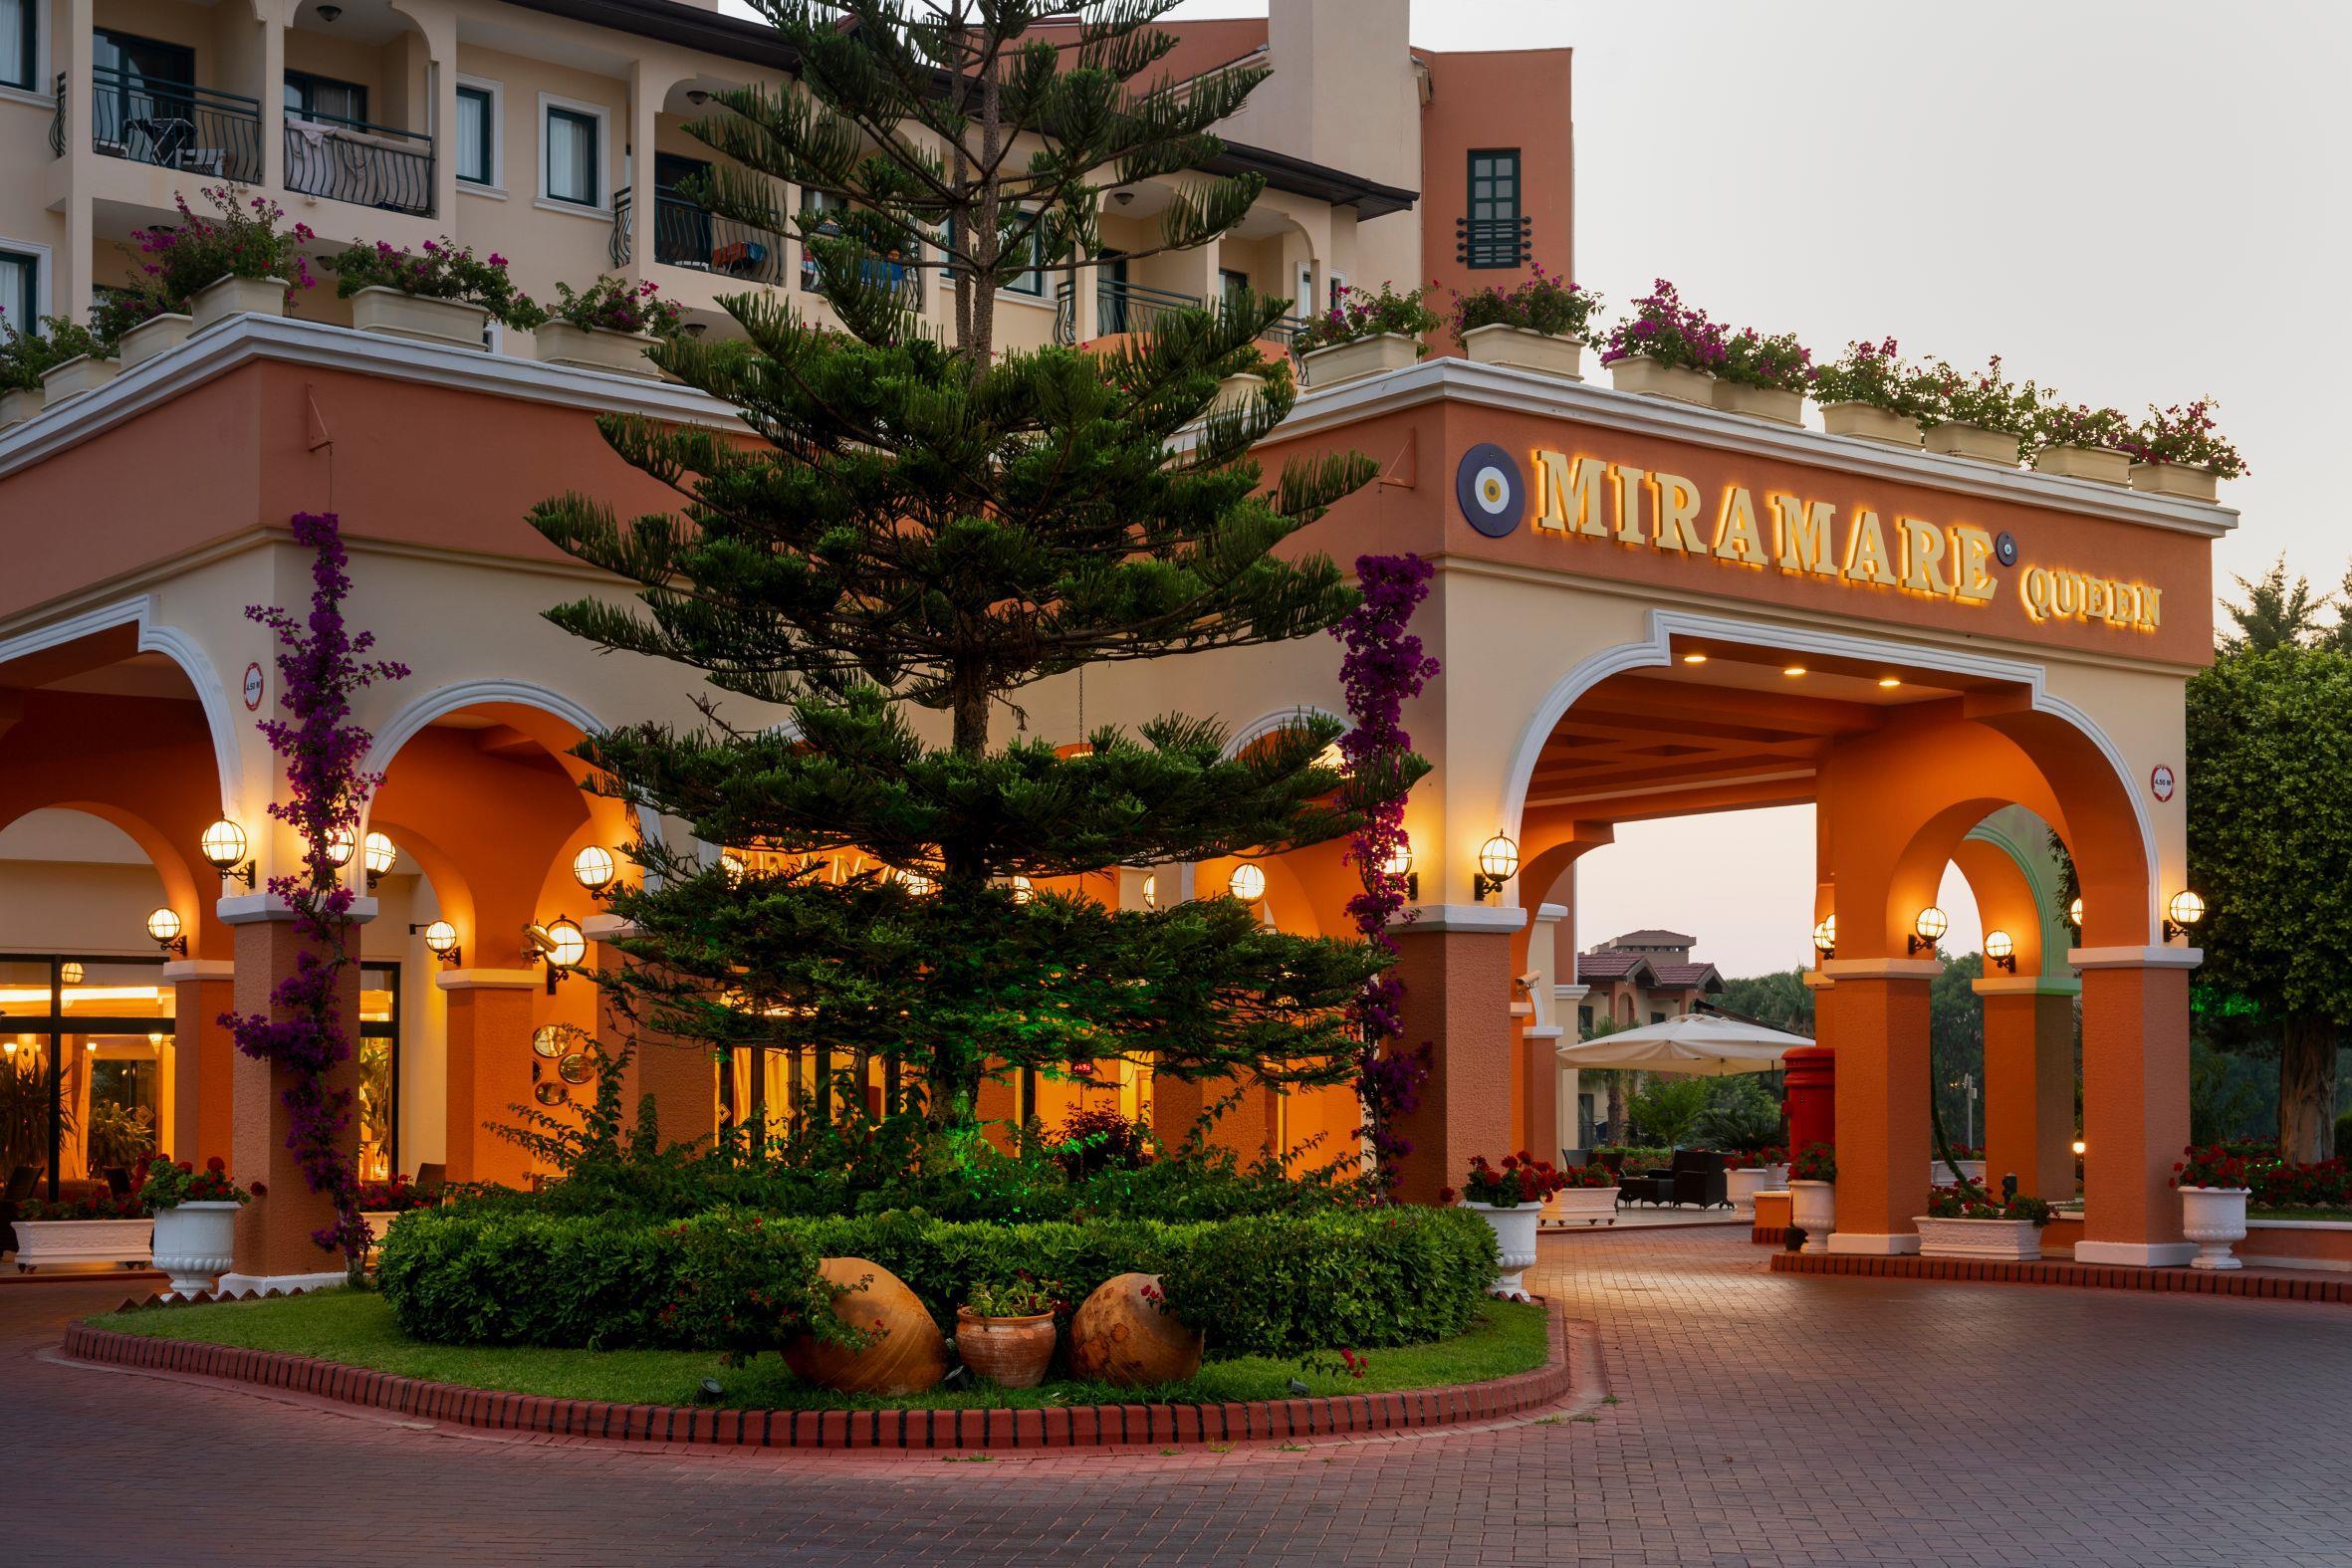 http://www.orextravel.sk/OREX/hotelphotos/miramare-queen-hotel-general-0048.jpg